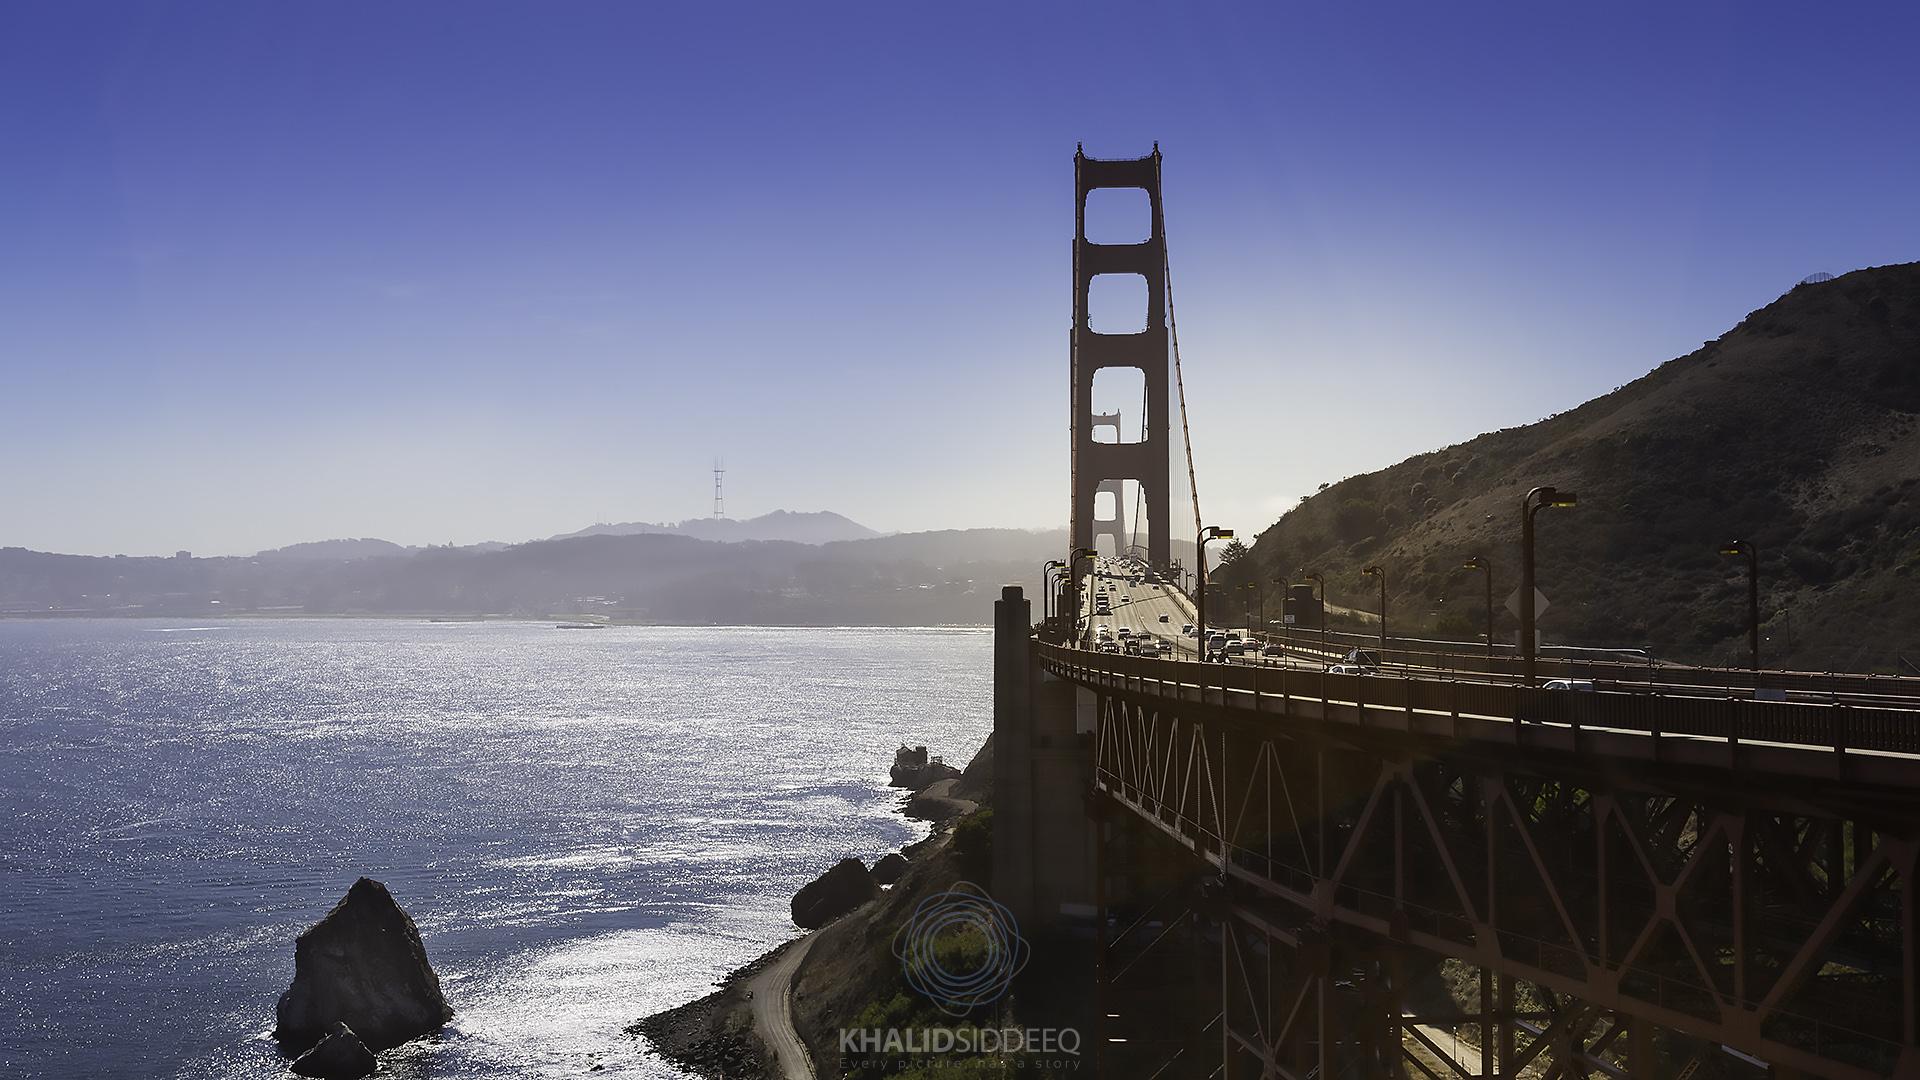 البوابة الذهبية، سان فرانسيسكو، أمريكا الشمالية